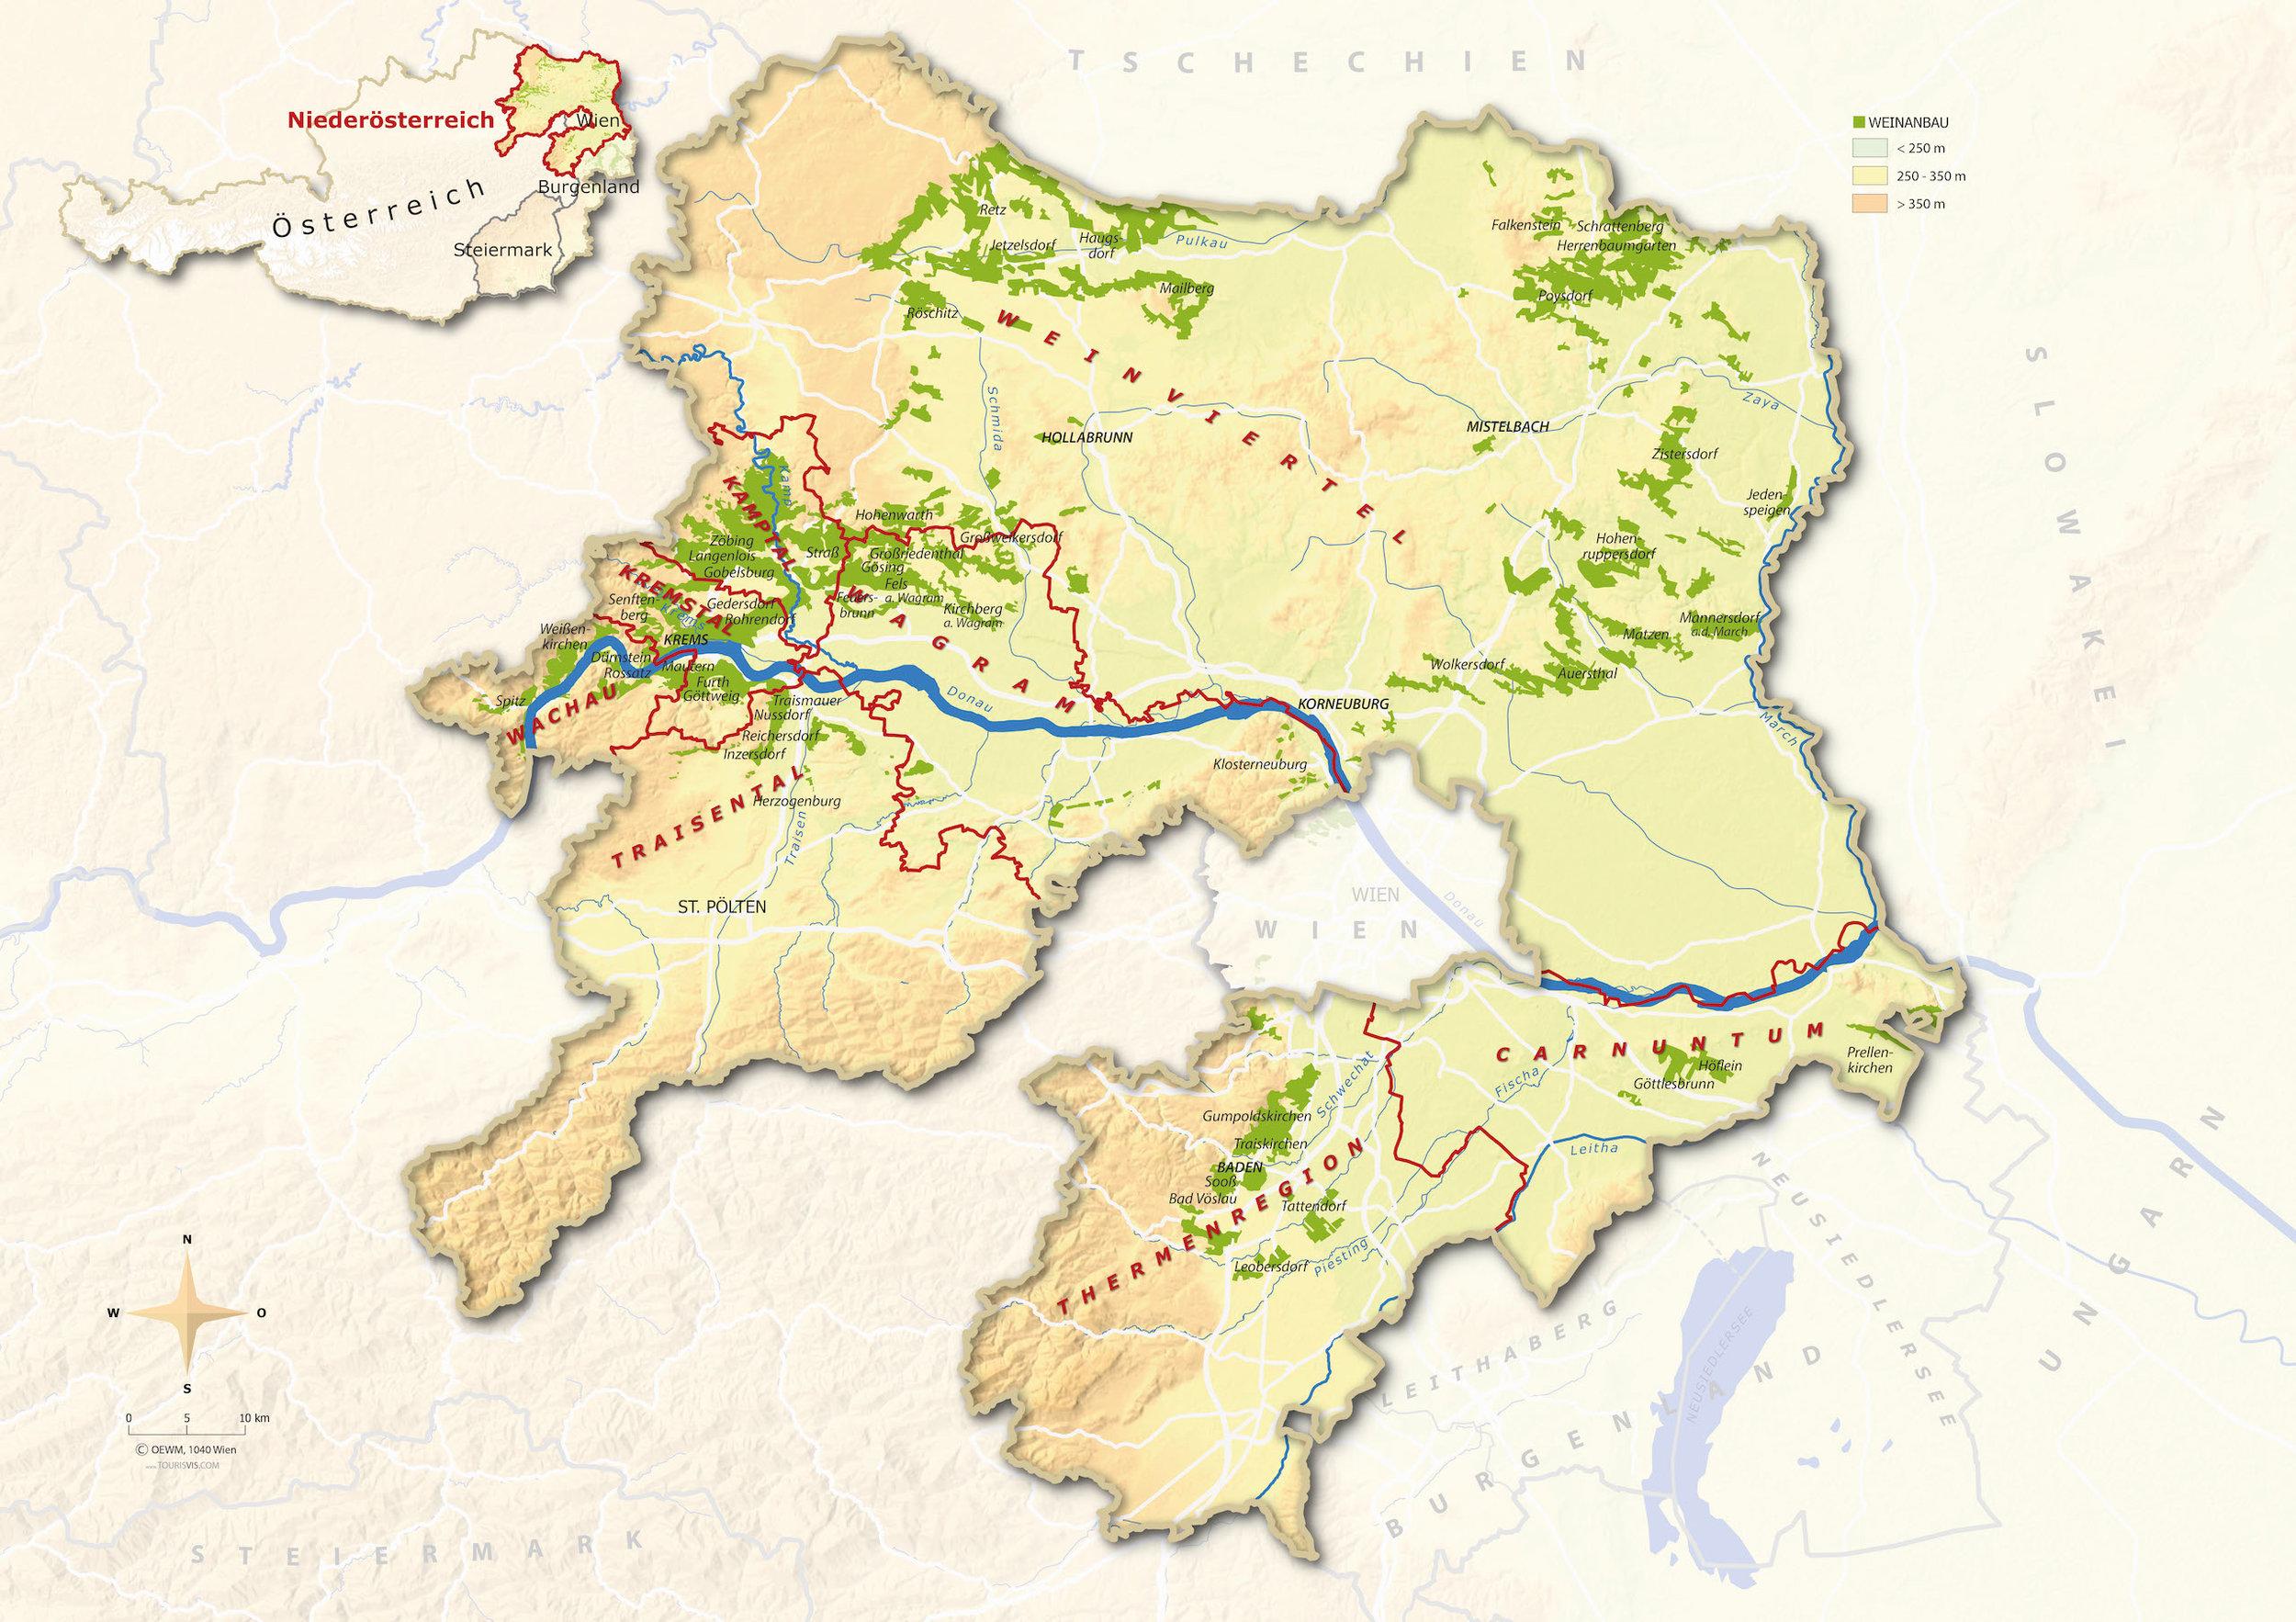 Mappa del Niederösterreich -Copyright:© AWMB  (cliccare sulla mappa per ingrandire)